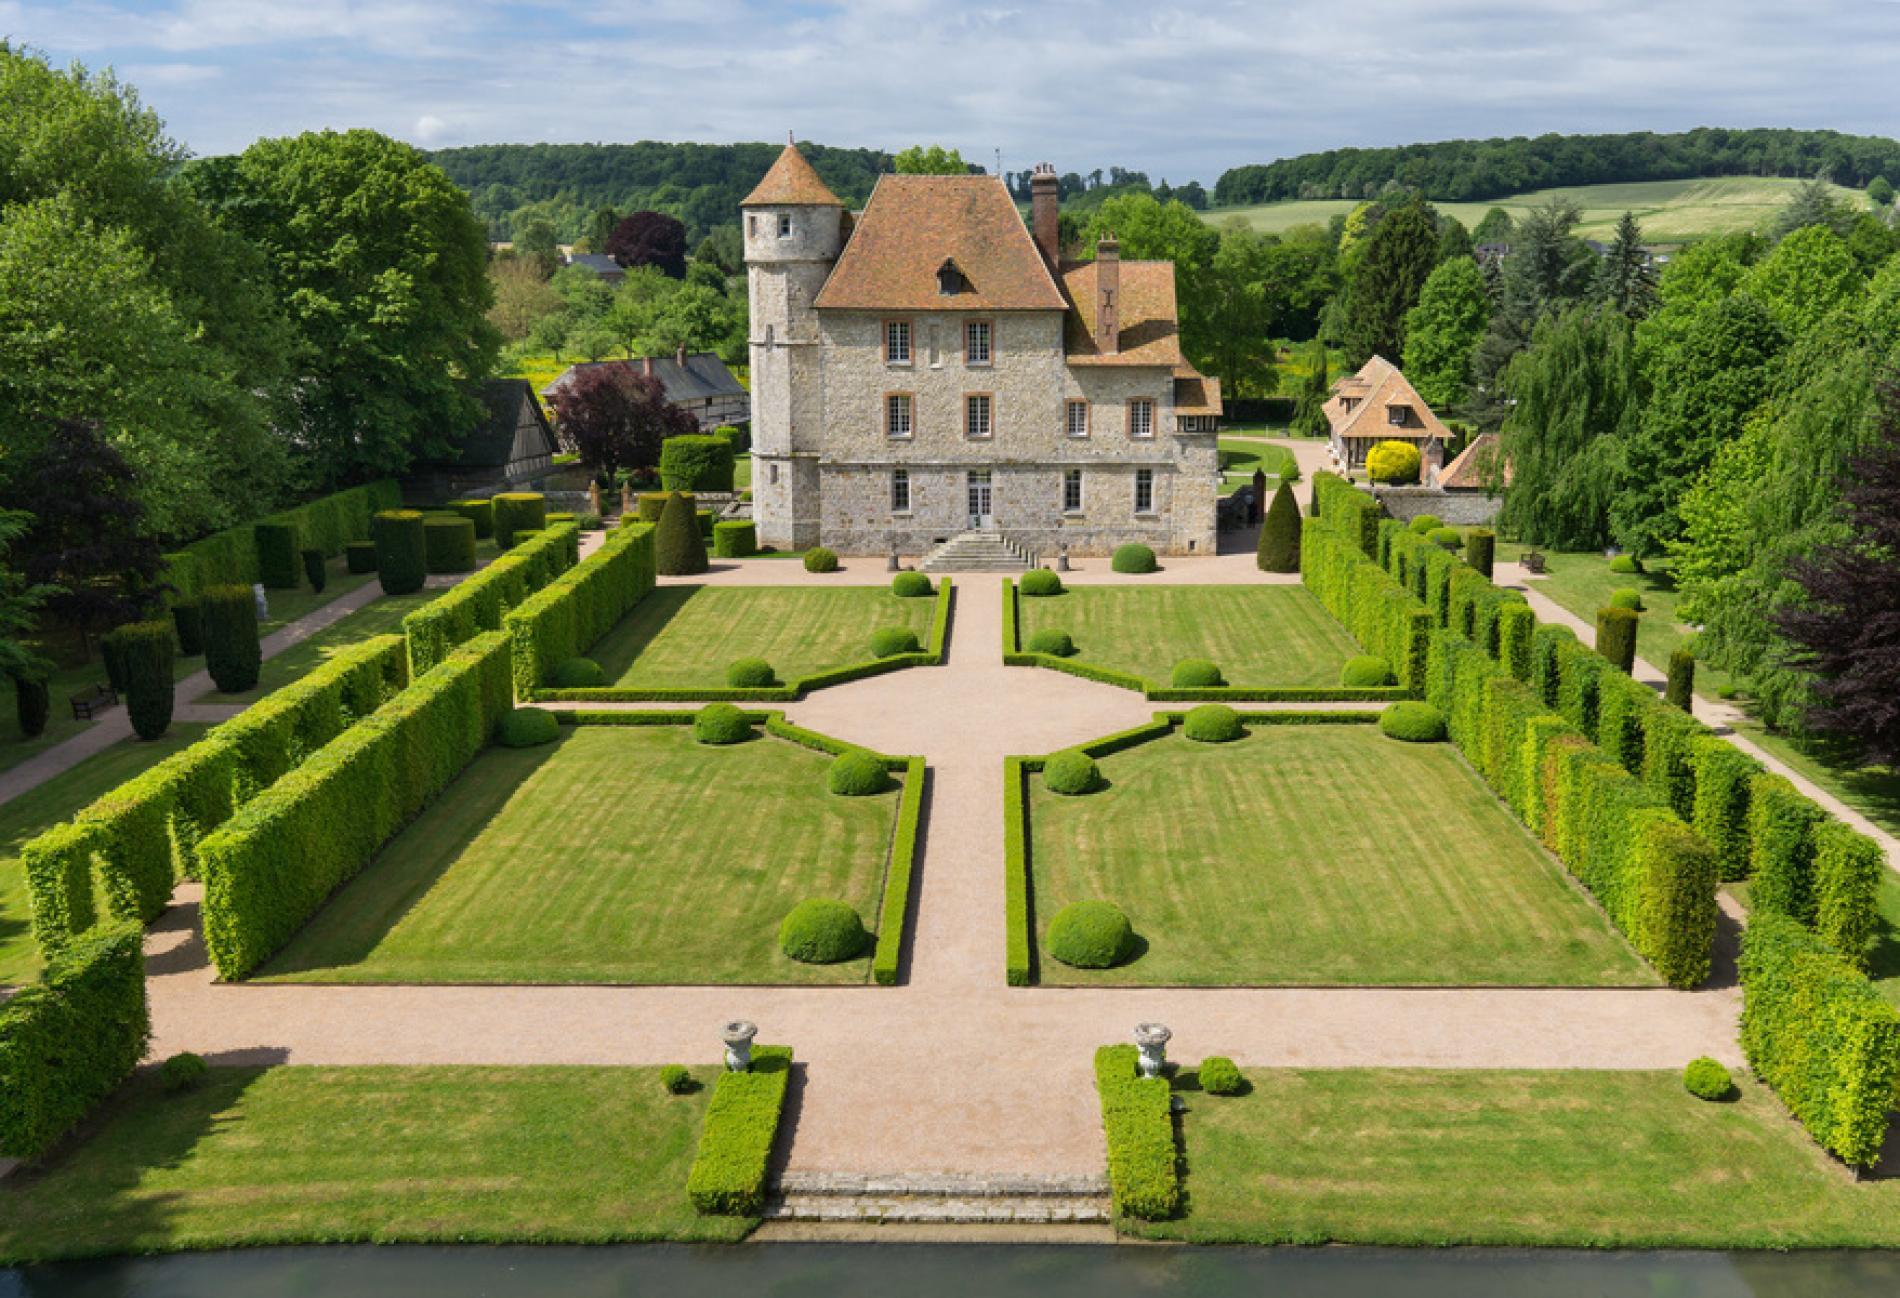 Château de Vascoeuil